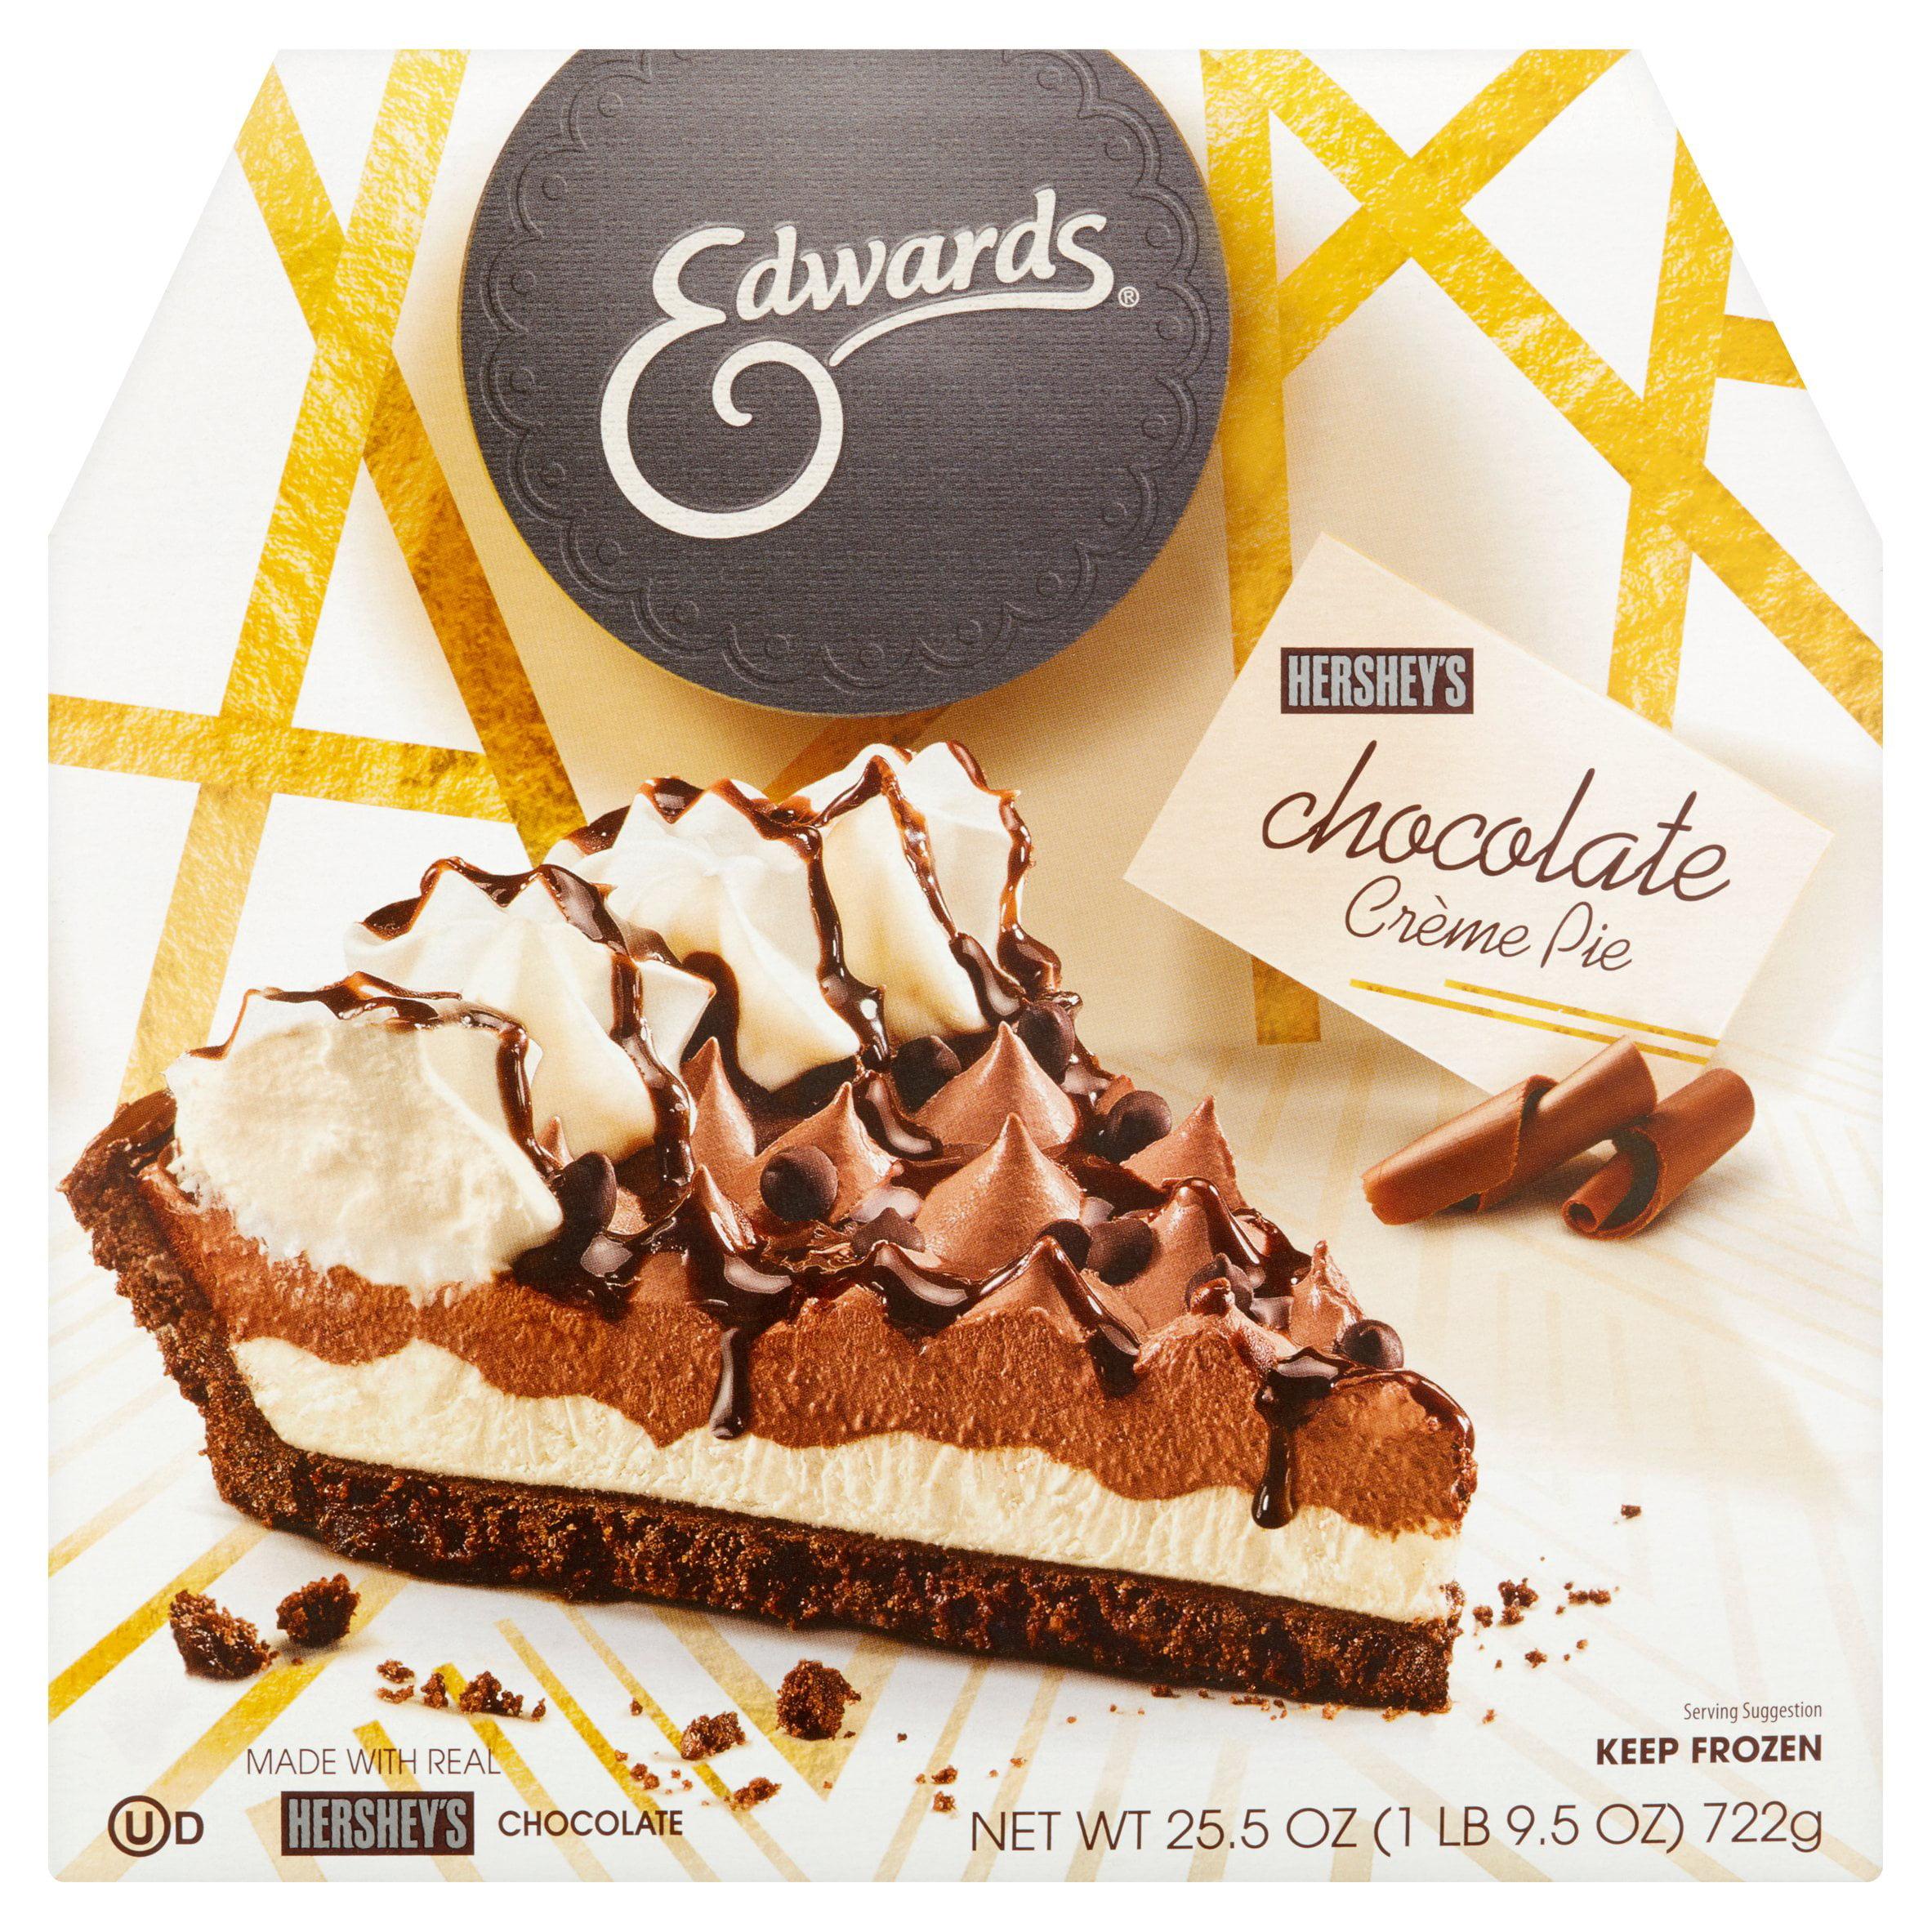 Edwards Hershey's* Creme Pie 25.5 oz. Box